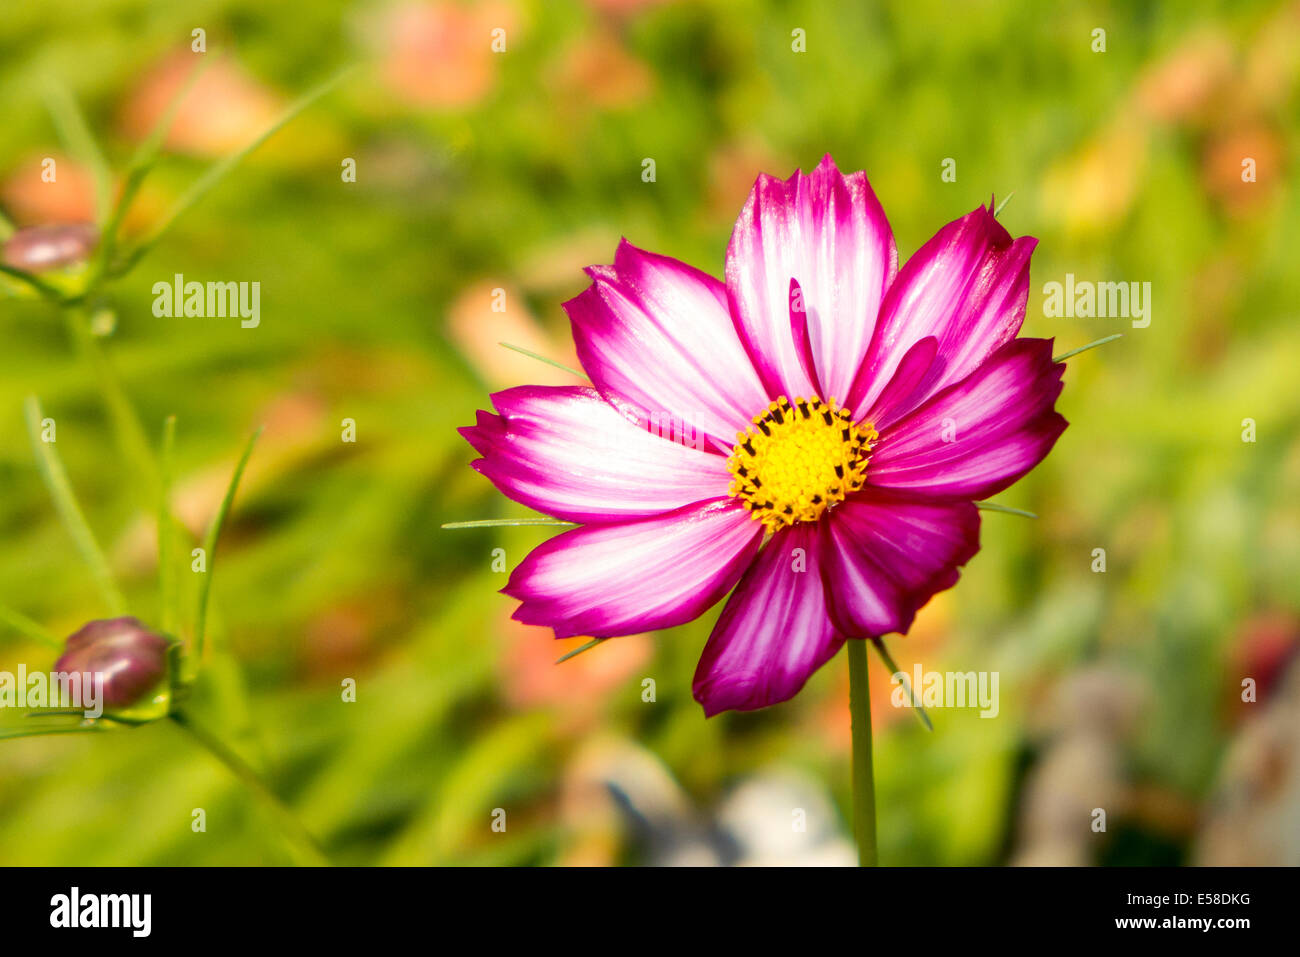 Fiori 8 Petali.Fiore Con Otto Petali Foto Immagine Stock 72101108 Alamy